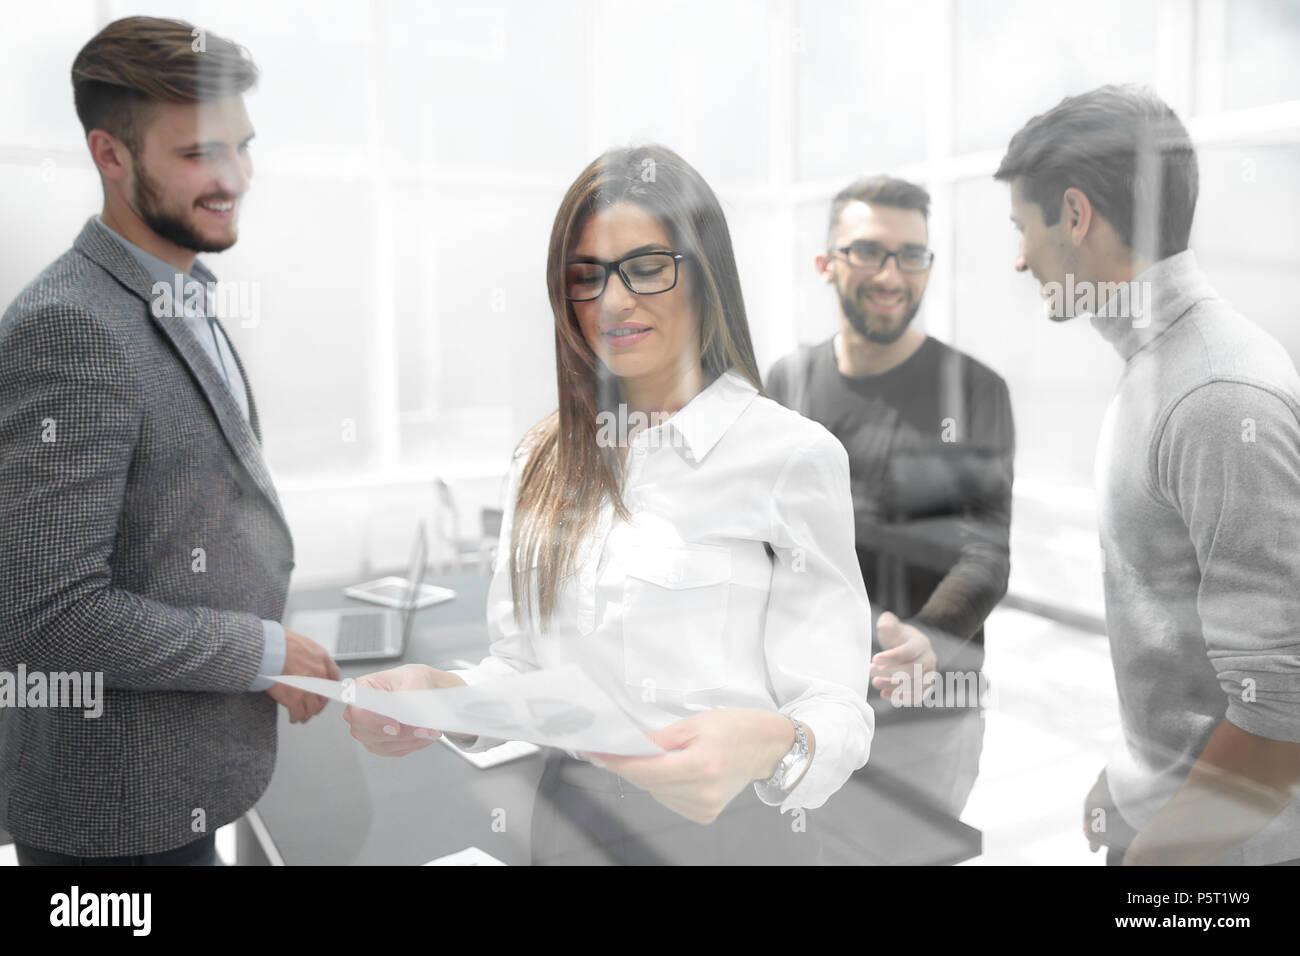 Dietro il vetro.business team discute i documenti di lavoro Immagini Stock